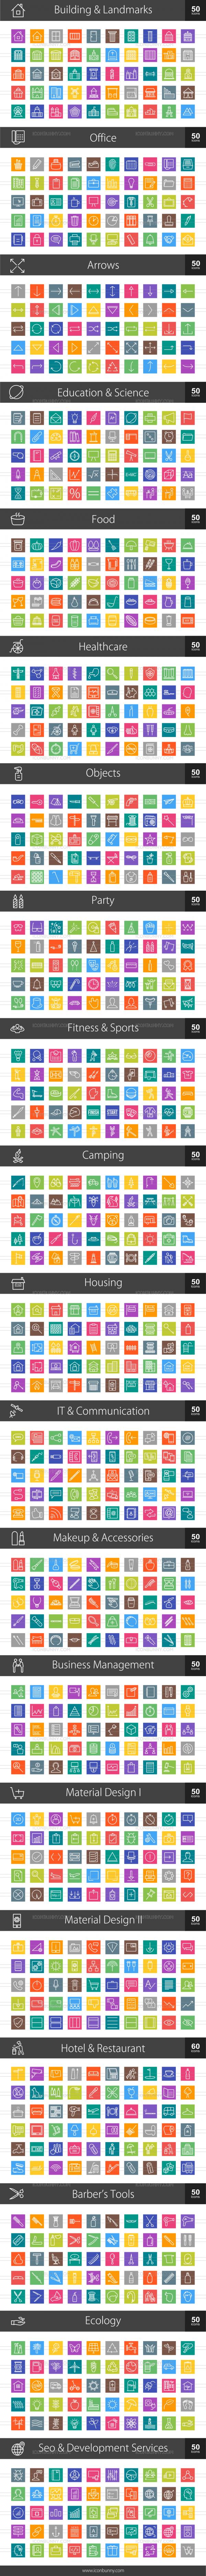 1010 Line Multicolor B/G Icons Bundle - Preview - IconBunny